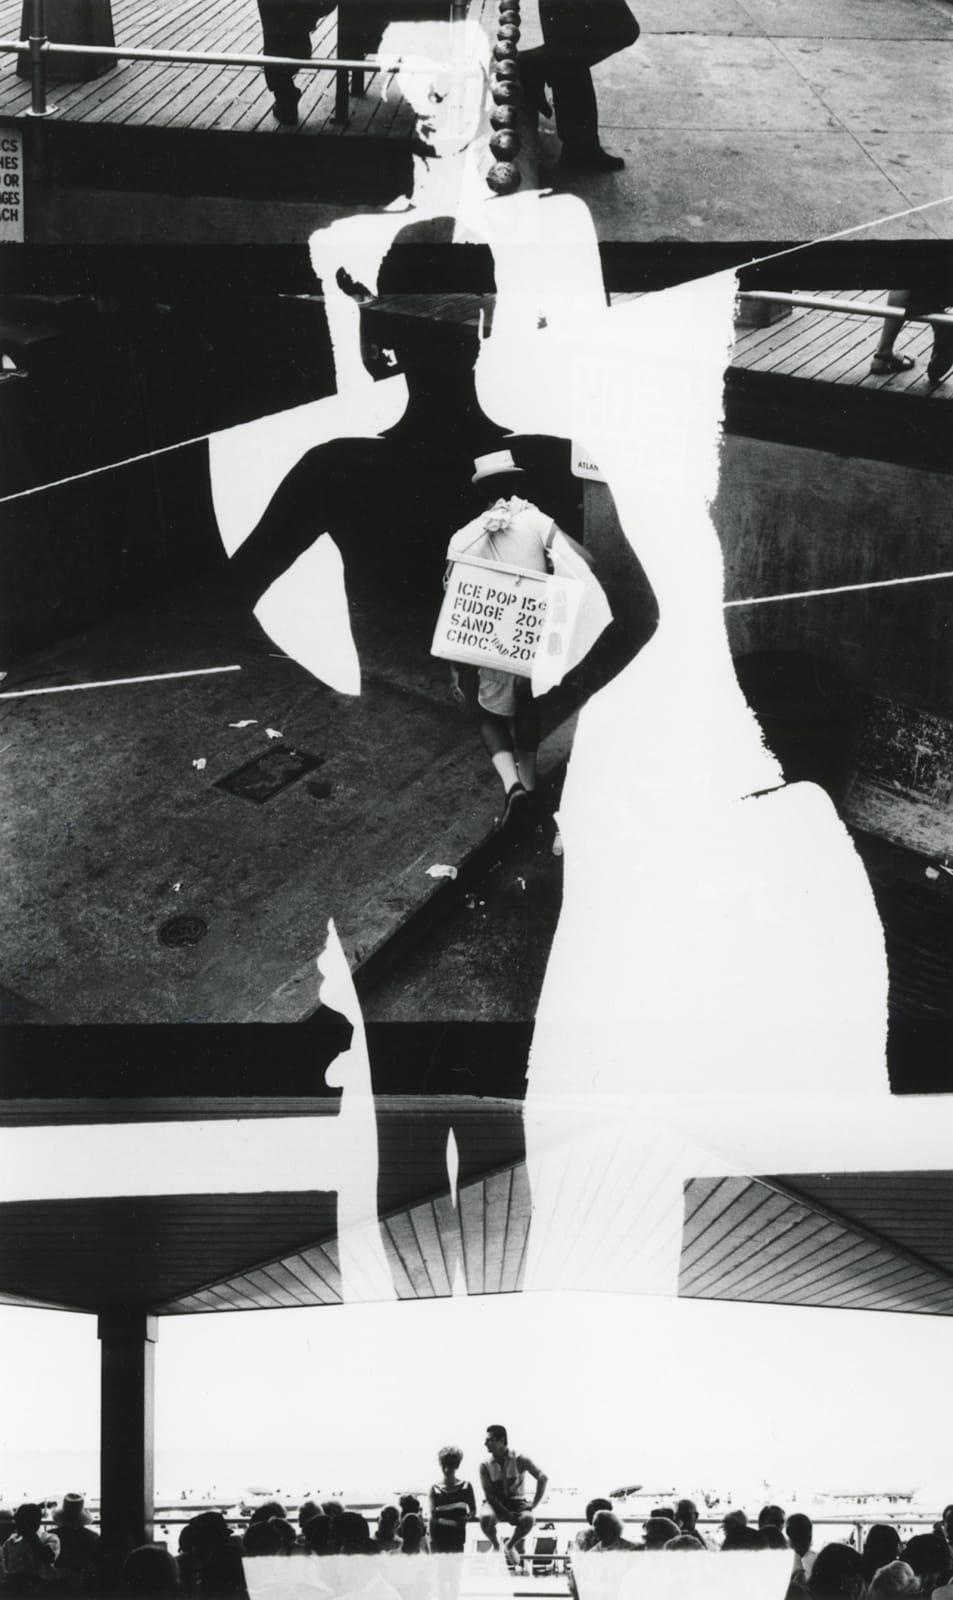 Ray K. Metzker, Early Philadelphia, 1968